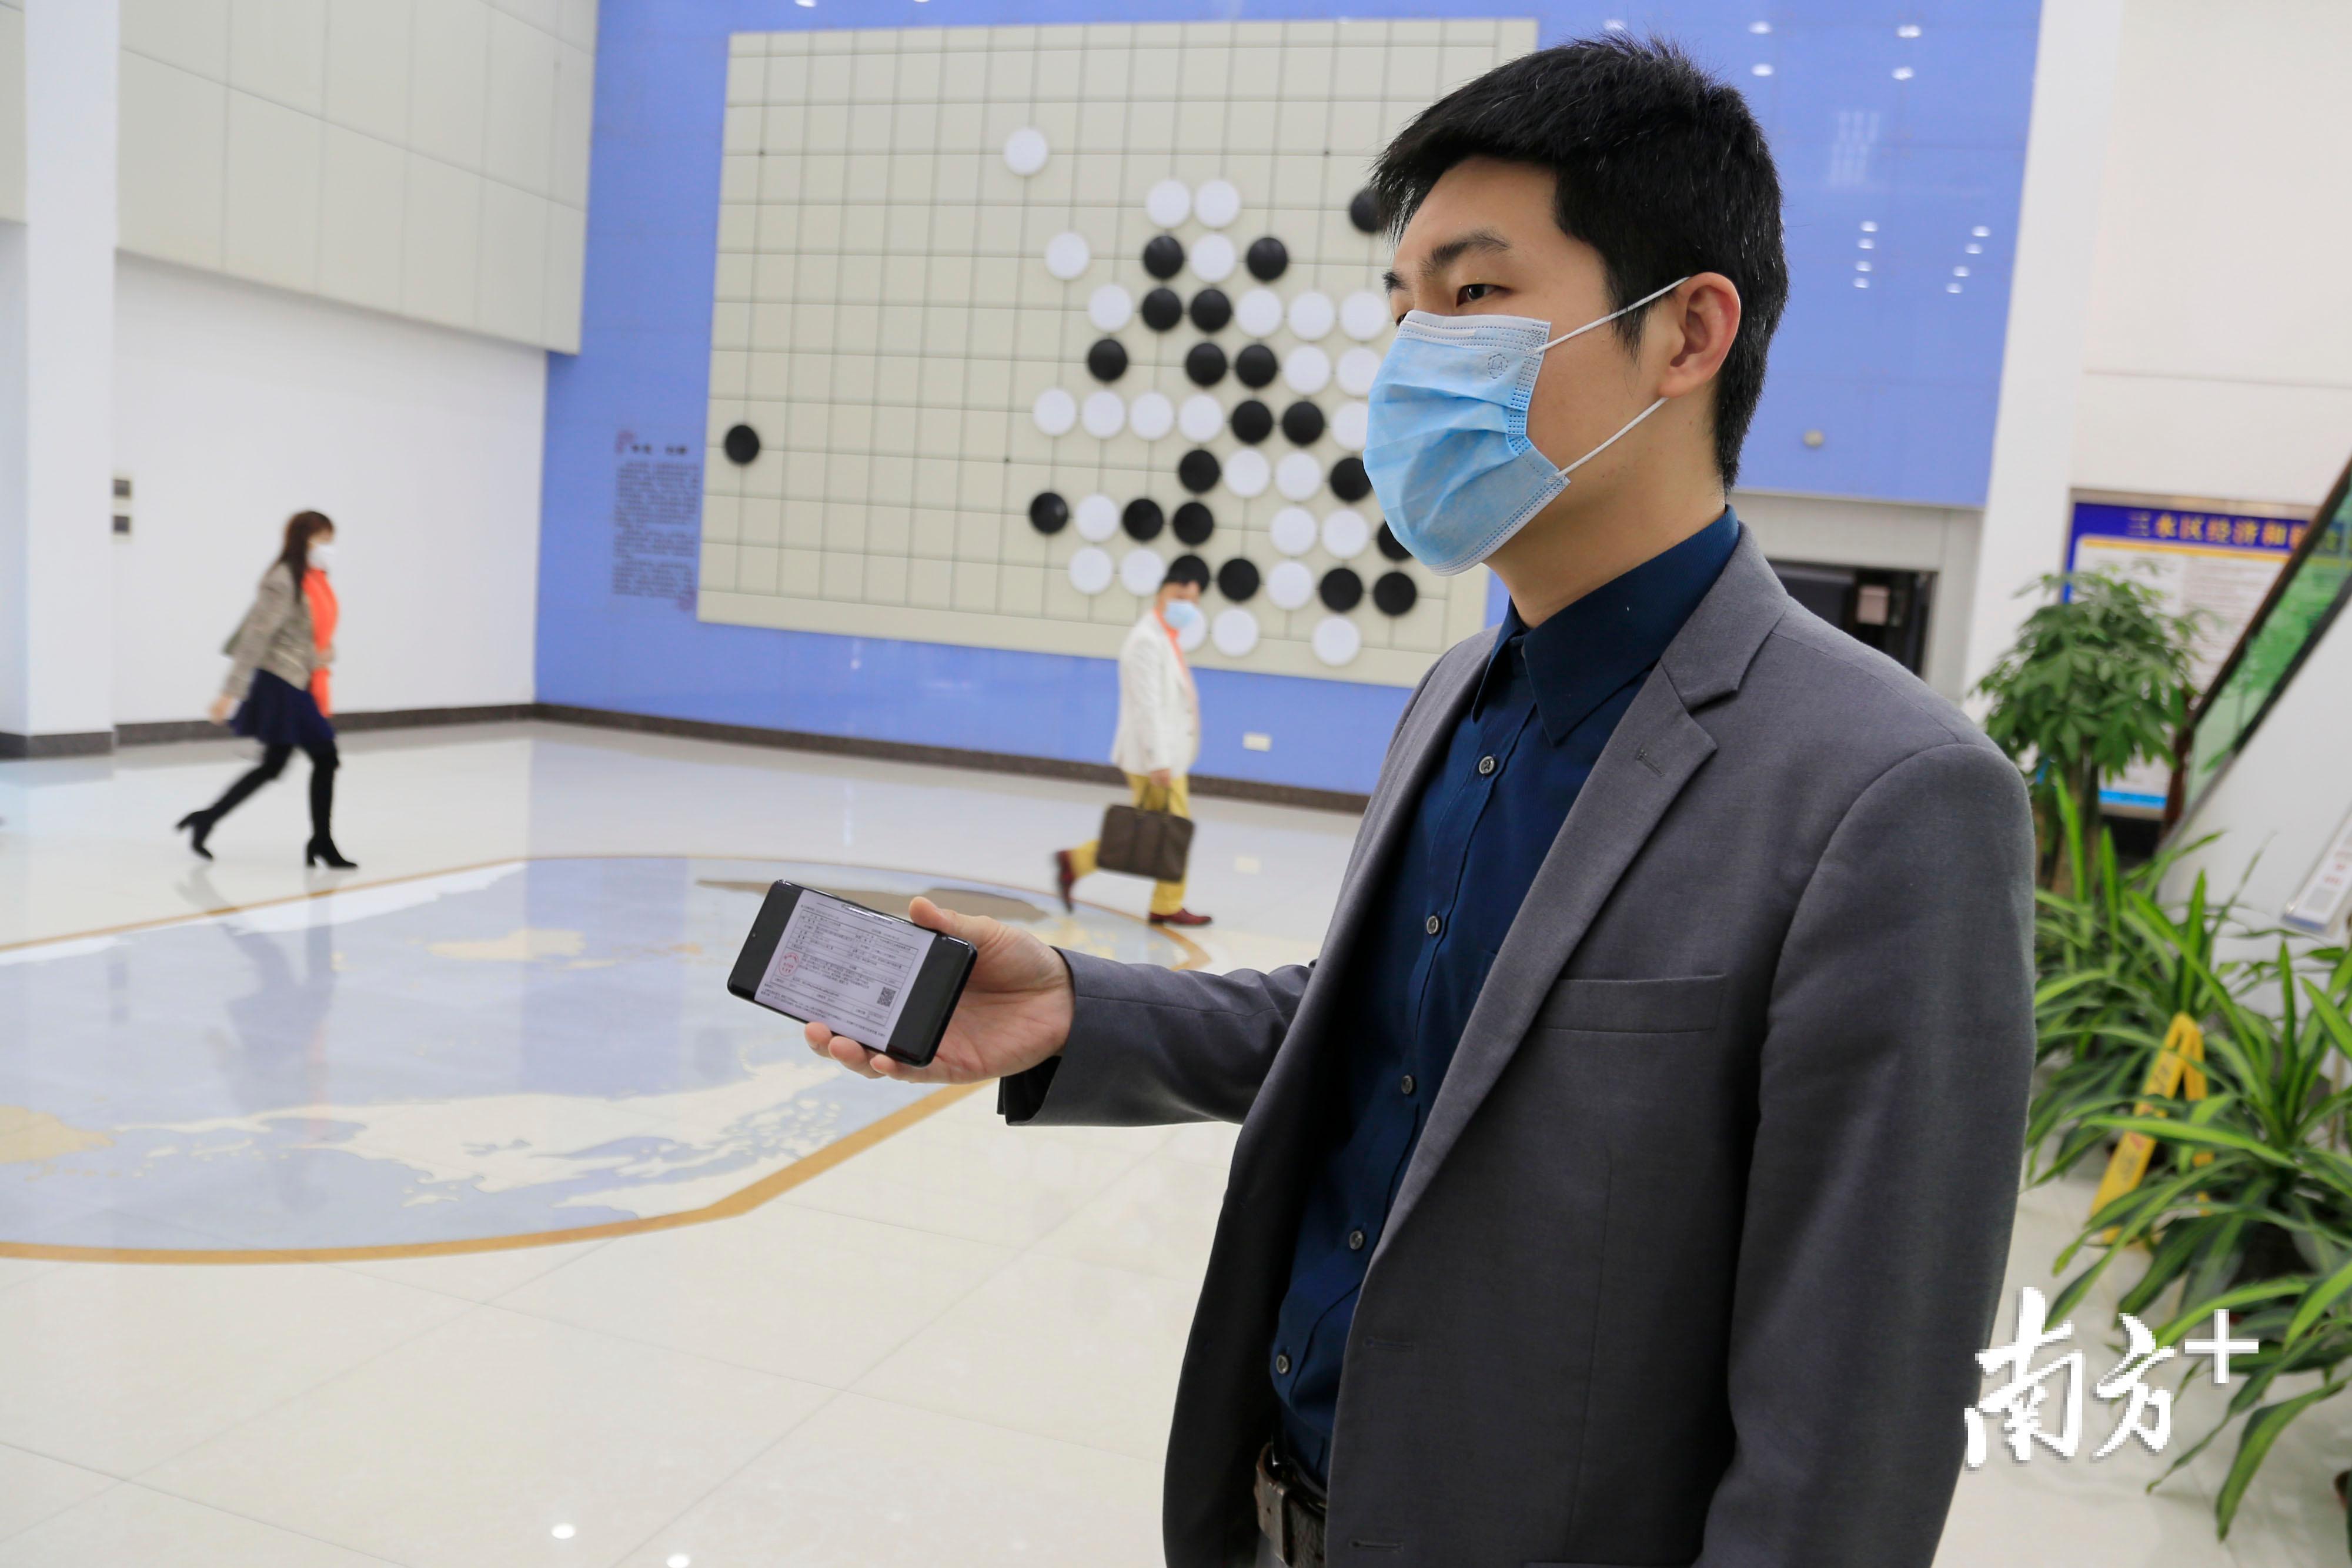 广东合和建筑五金制品有限公司副总裁谢晓东展示26.86万元三水区支持企业平稳健康发展扶持资金到账信息。林洛峰 摄